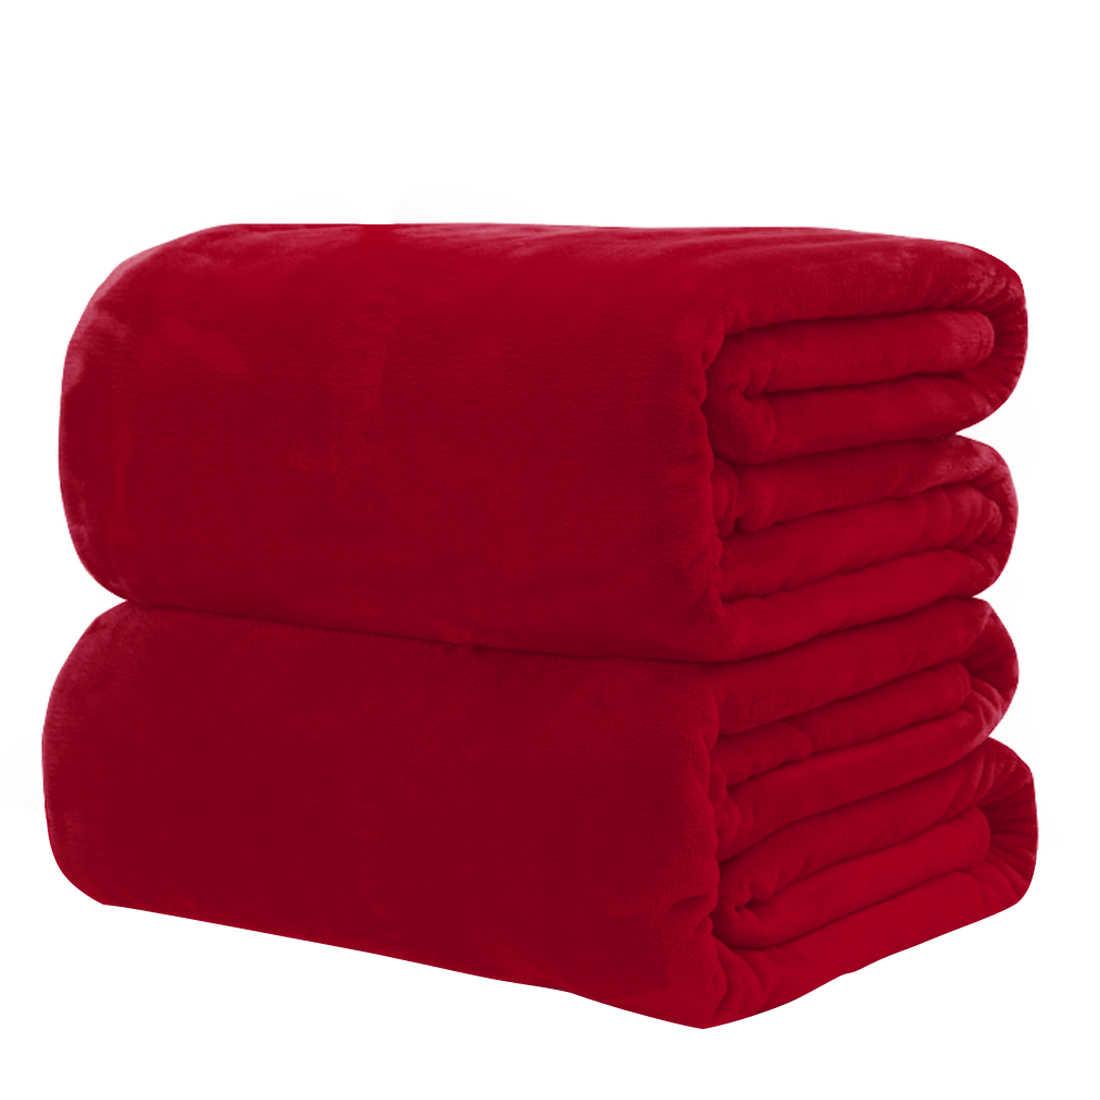 50x70 см/70x100 см фланелевое одеяло очень теплый мягкий покрывало одеяла на диван/кровать/путешествия пэчворк Одноцветный покрывало